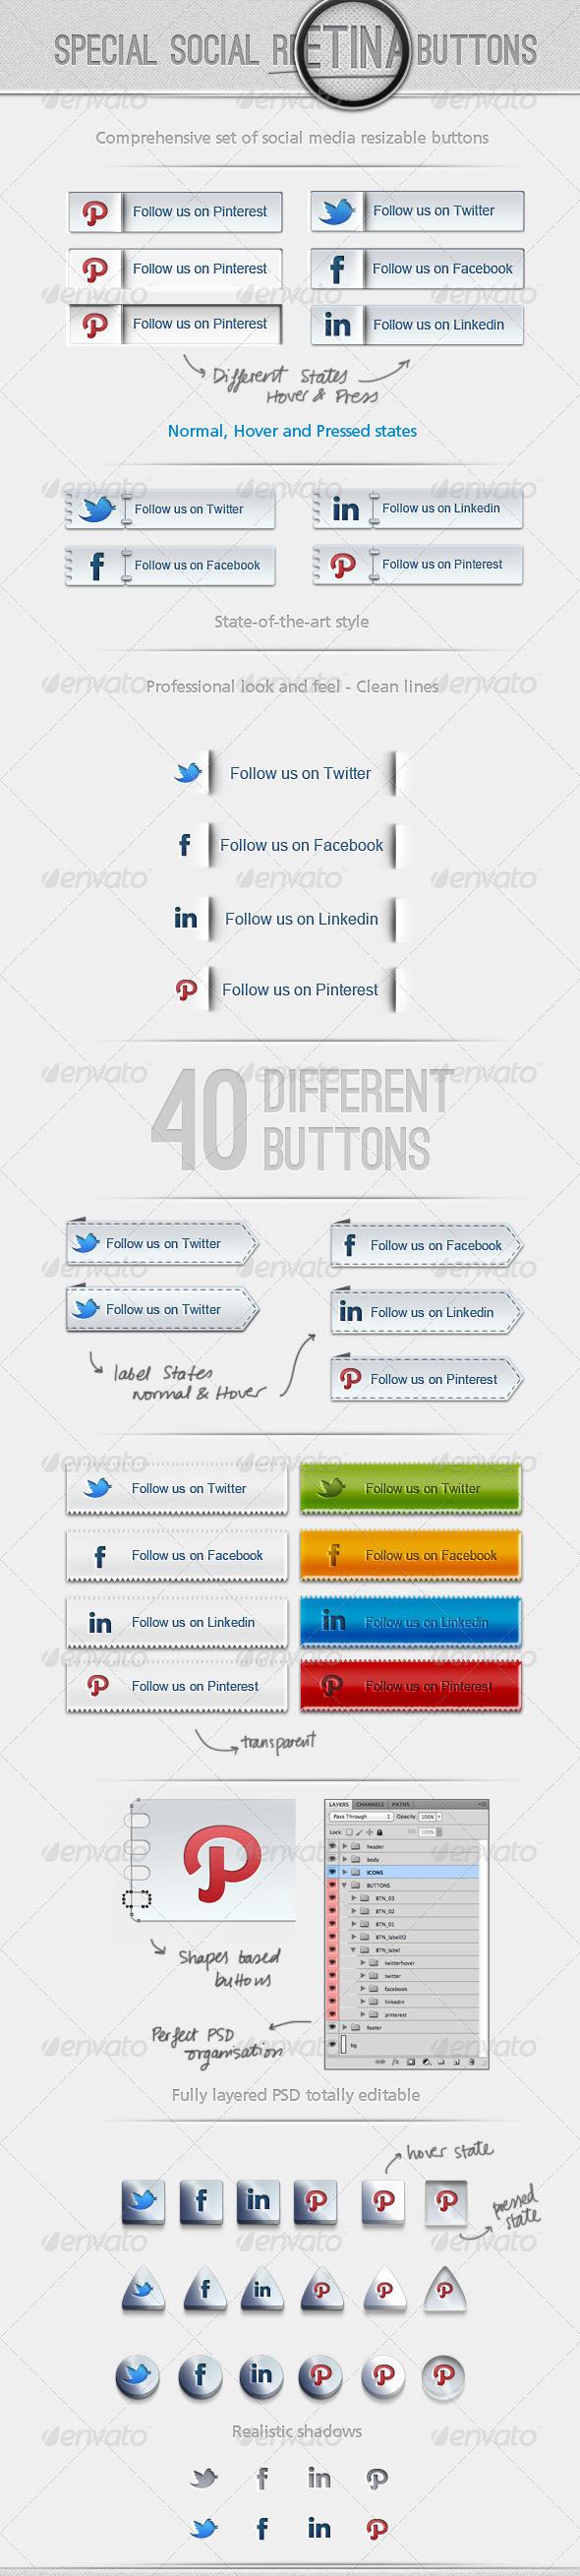 40 Special Social Retina Buttons